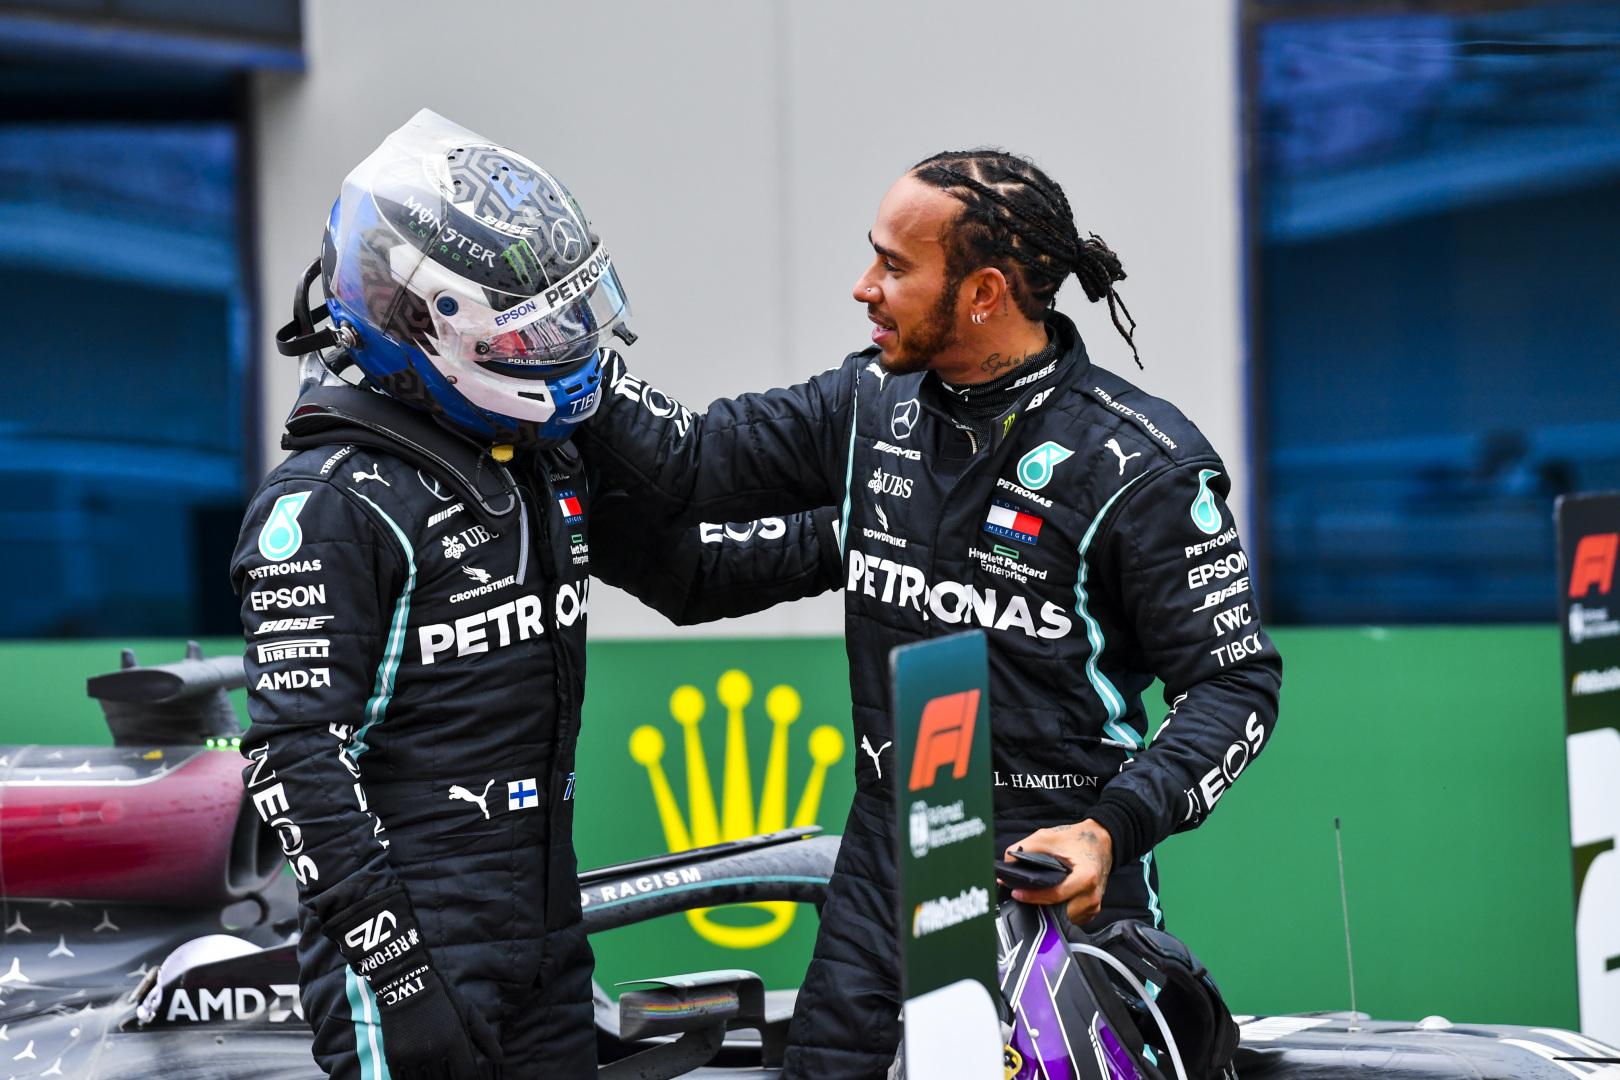 Bottas va voir si rouler sans pression fera la différence à Bahreïn et Abou Dhabi - Désormais battu au championnat par son coéquipier, Valtteri Bottas va disputer les trois dernières courses de la saison sans pression et va voir si cela fait une différence